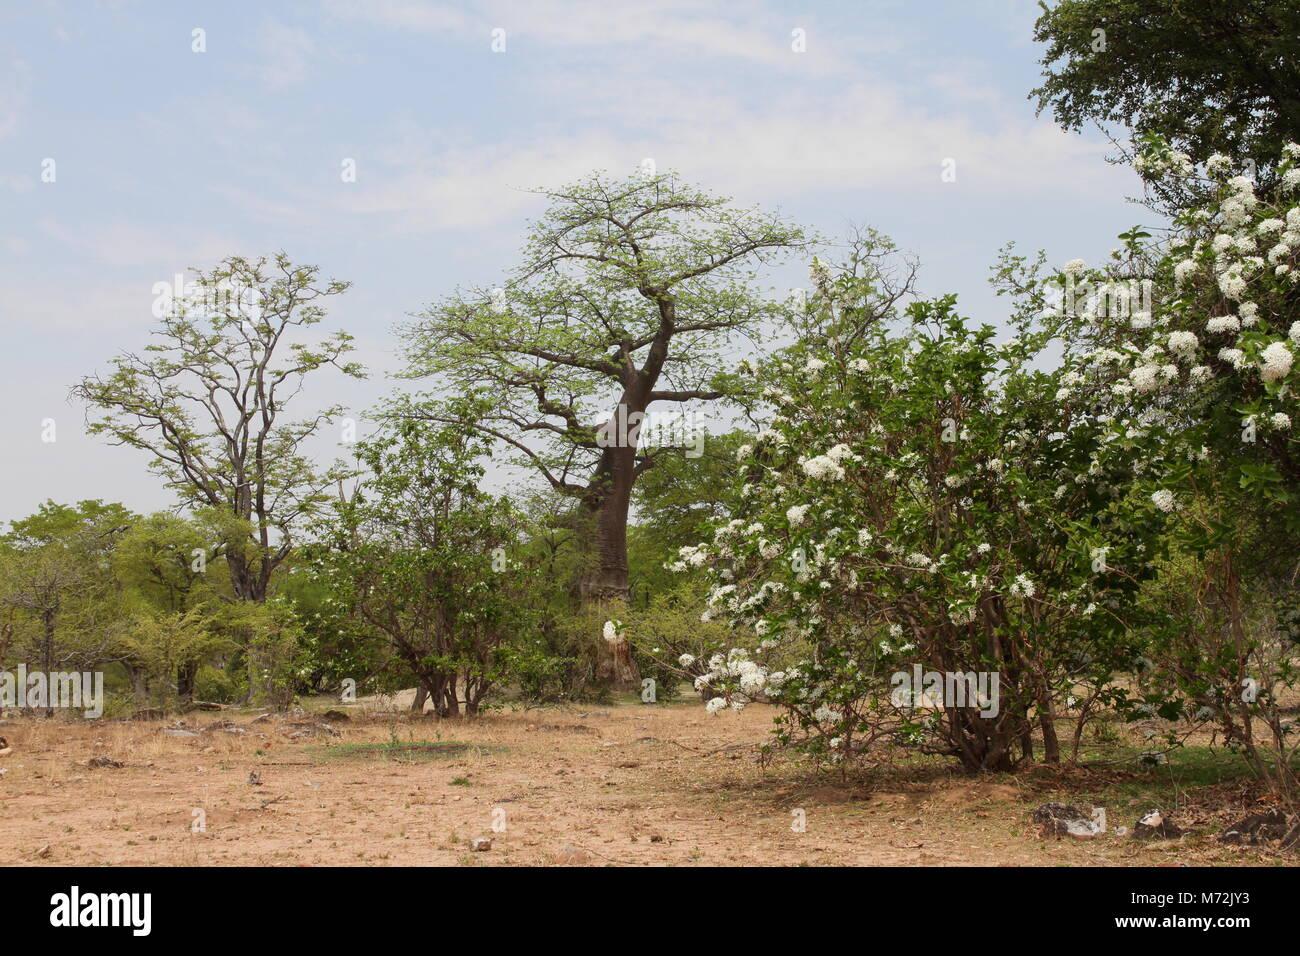 Holarhenna pubescens and Baobab - Stock Image